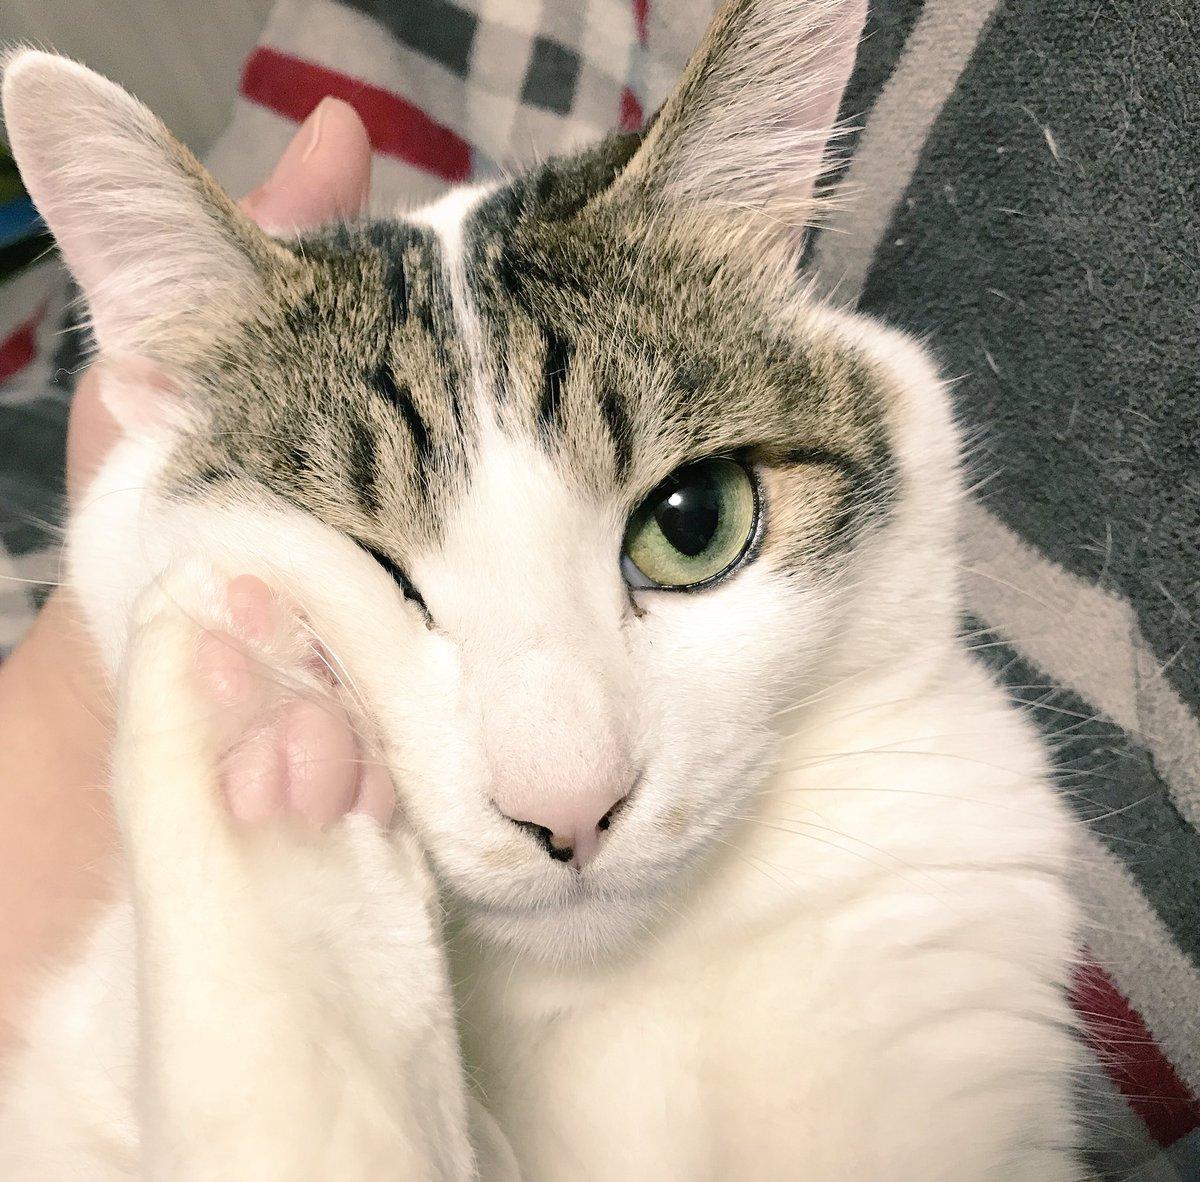 猫 画像 cat image やんちゃな猫   1